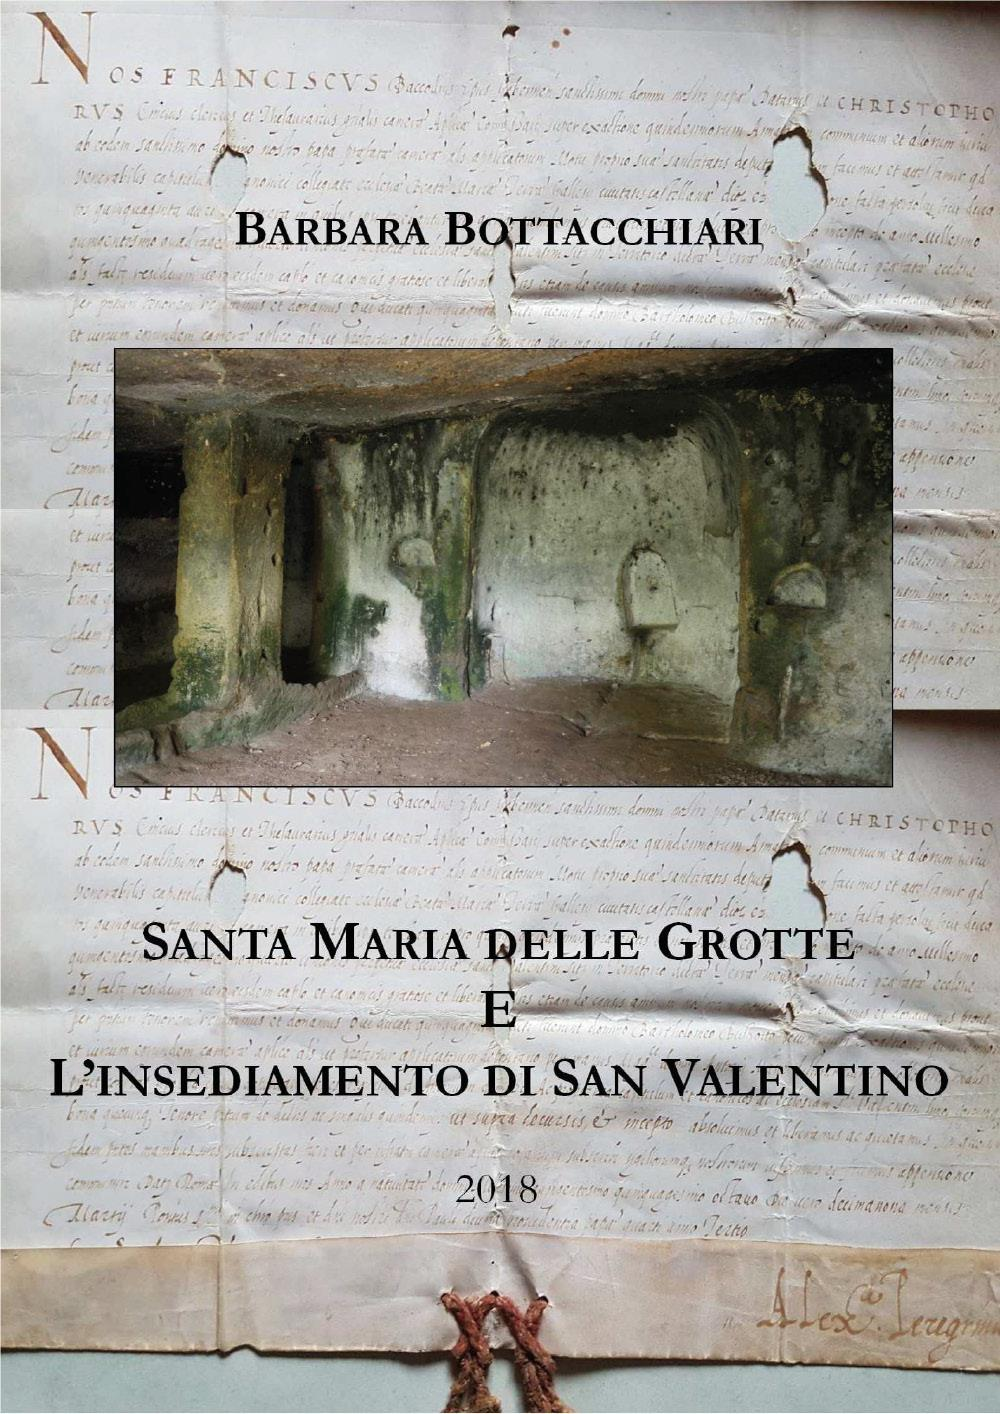 Santa Maria delle Grotte e l'insediamento di San Valentino